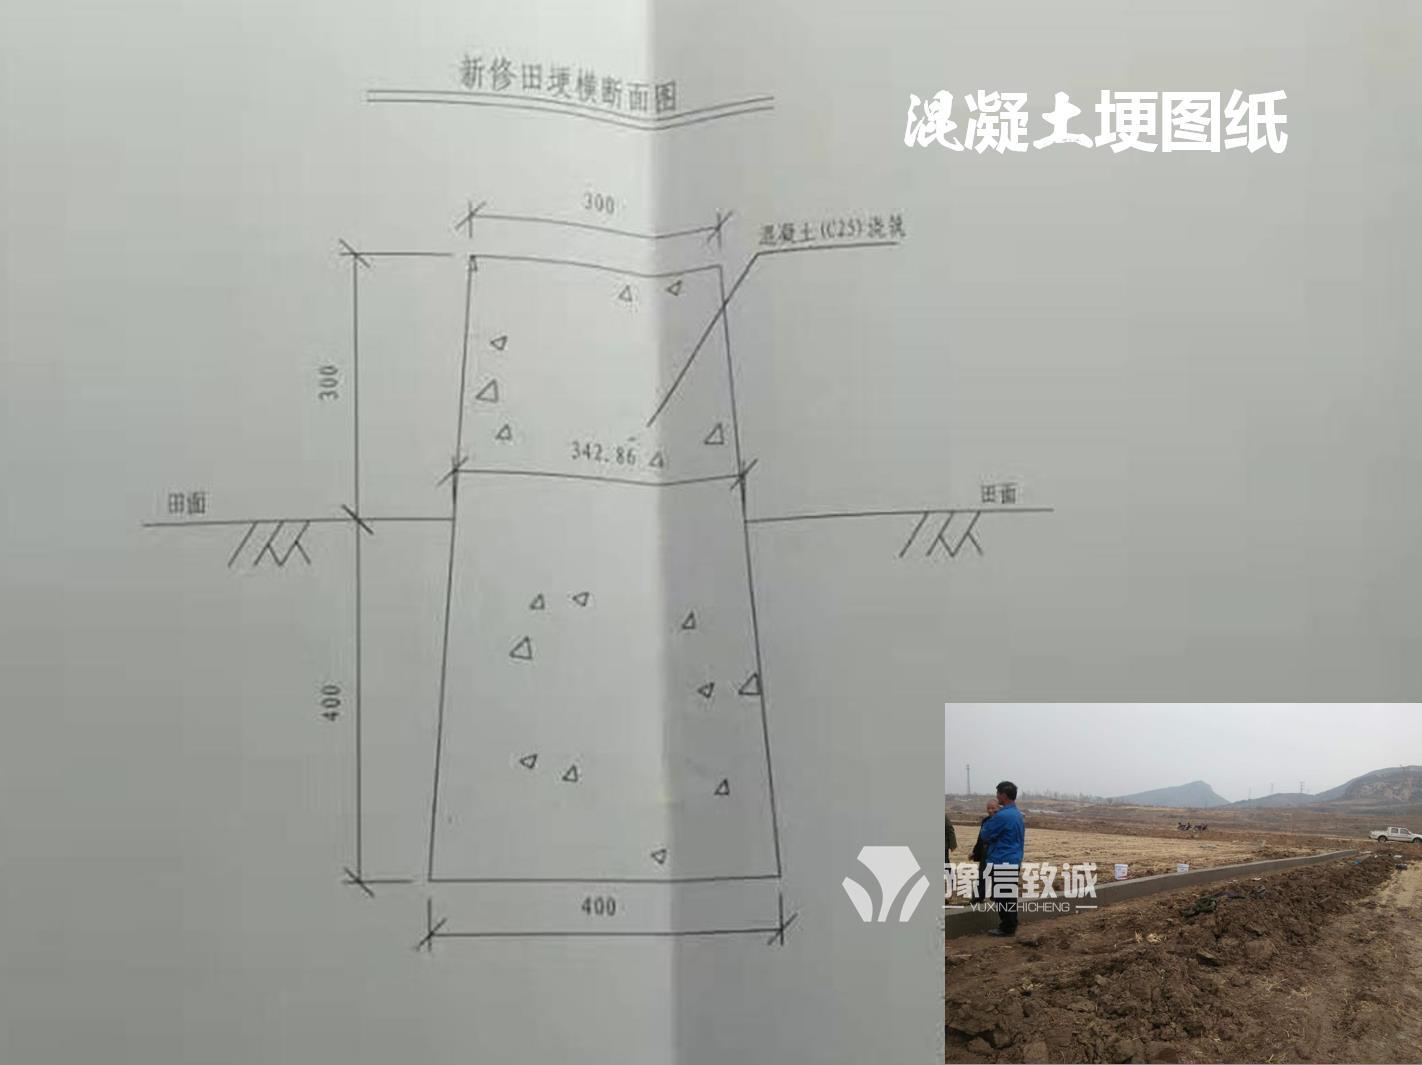 土地整改混凝土田埂图纸